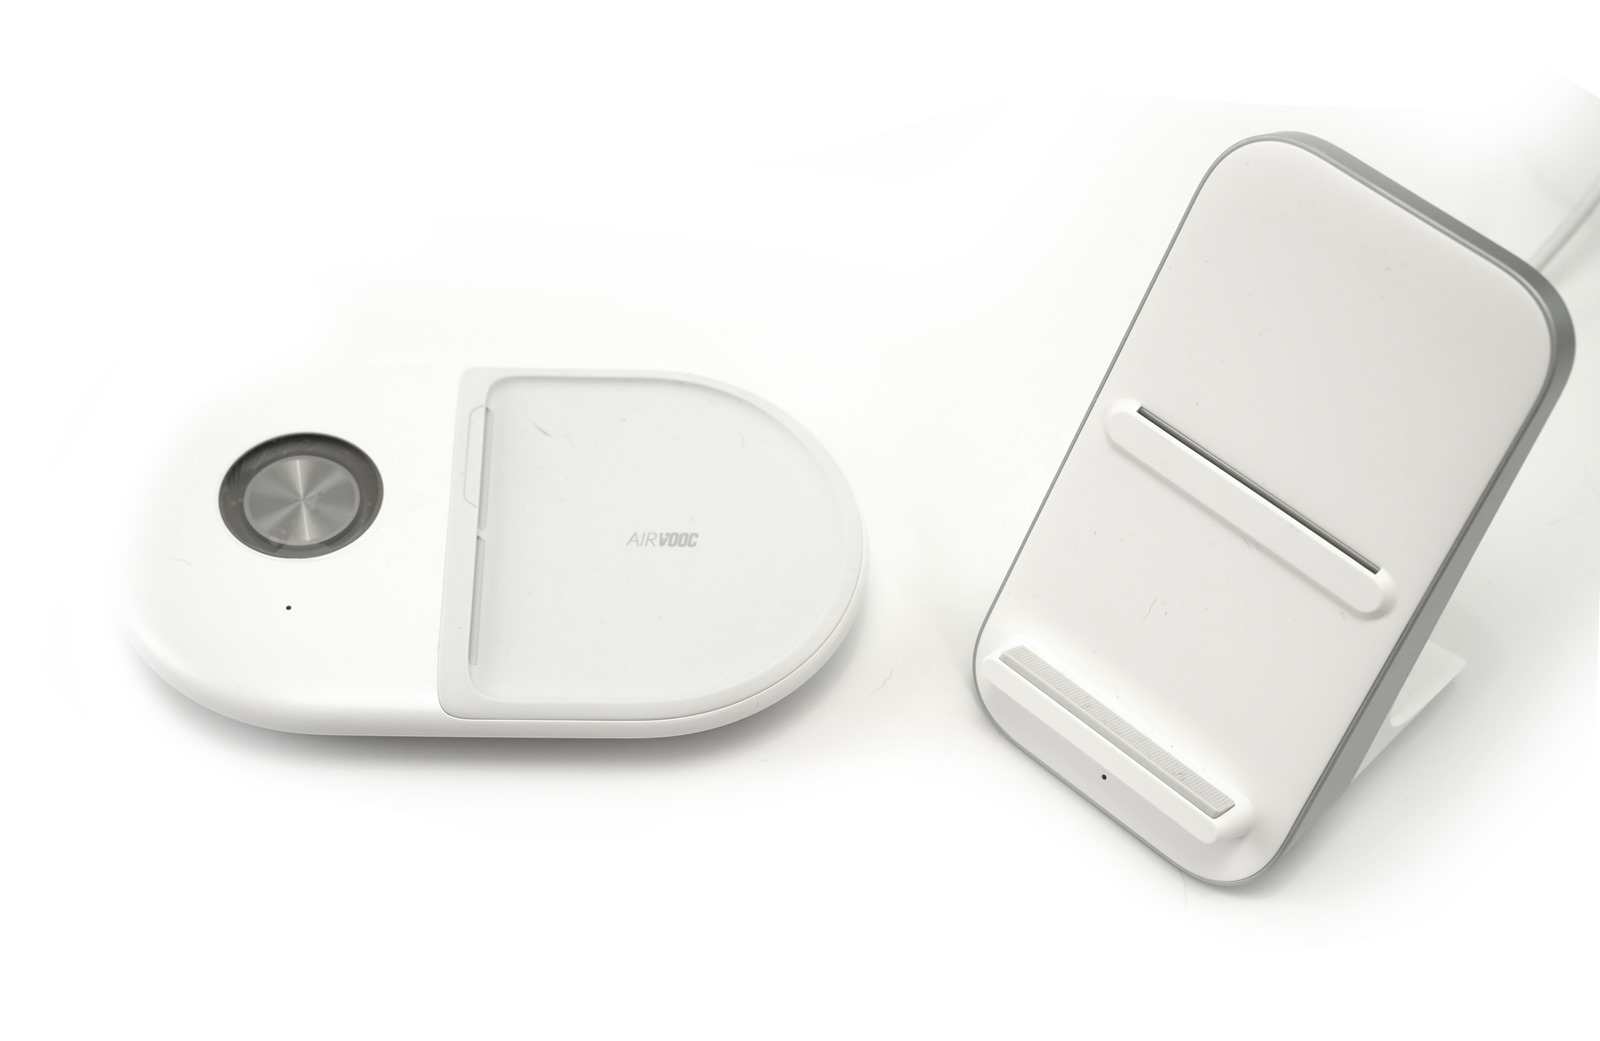 OPPO AirVOOC 40W無線充電器,實測結果比原廠Warp無線還要快?!